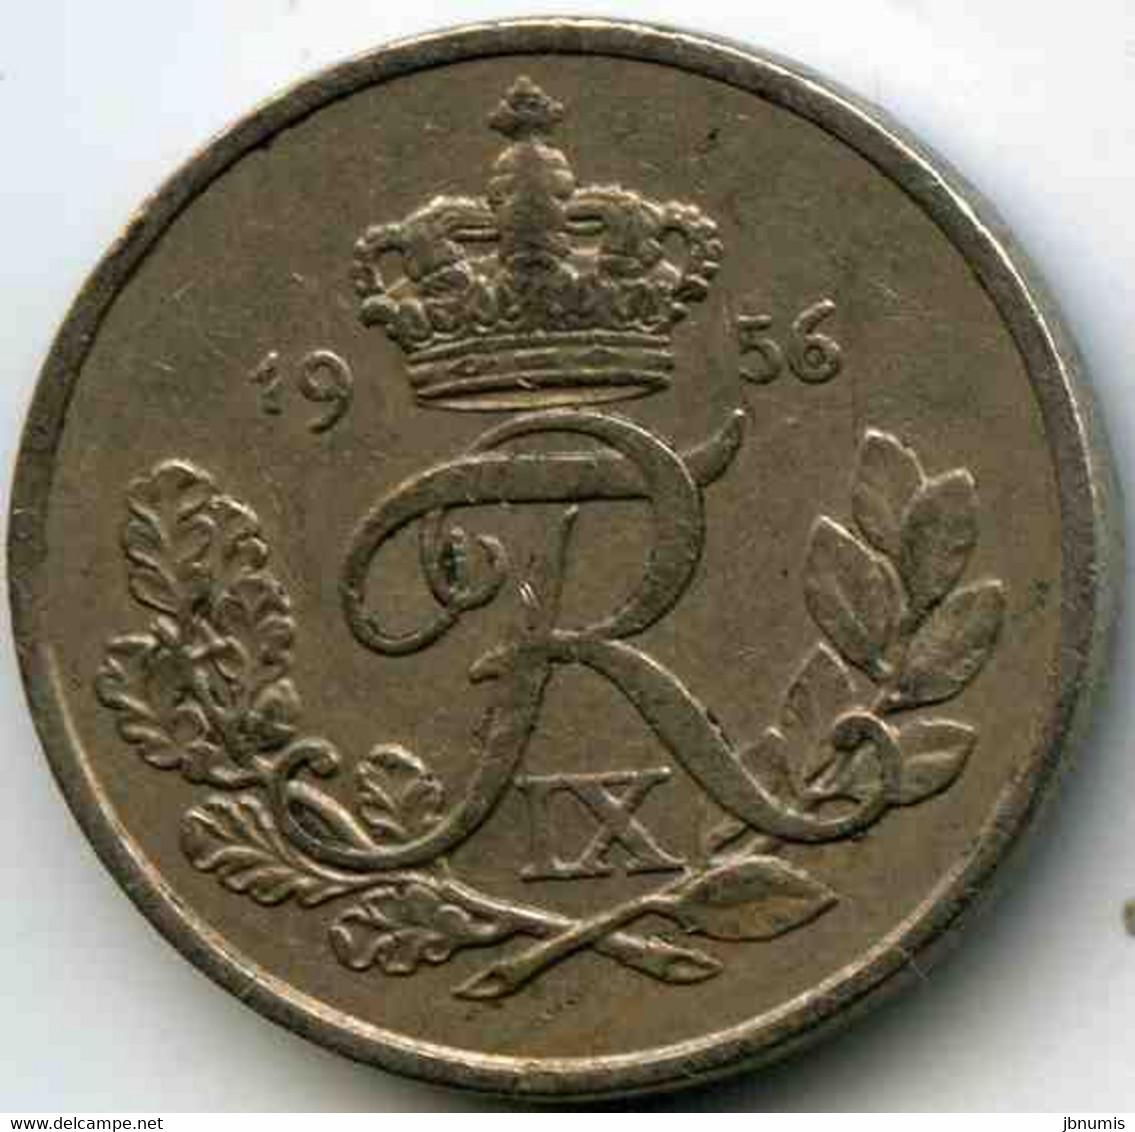 Danemark Denmark 25 Ore 1956 CS KM 842.2 - Denmark